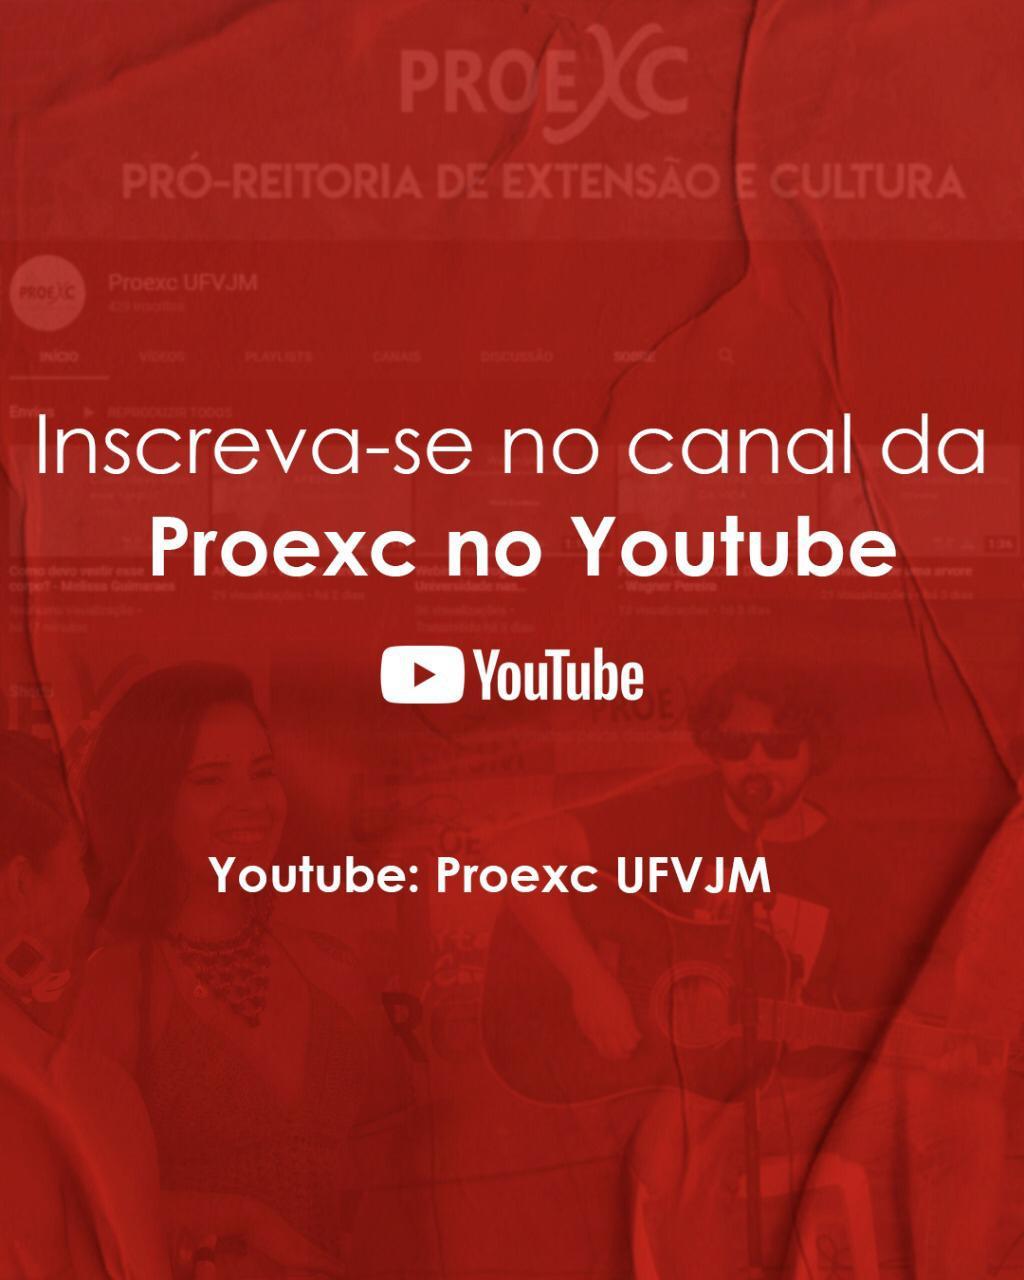 Cartaz lançamento do canal do Youtube da Proexc